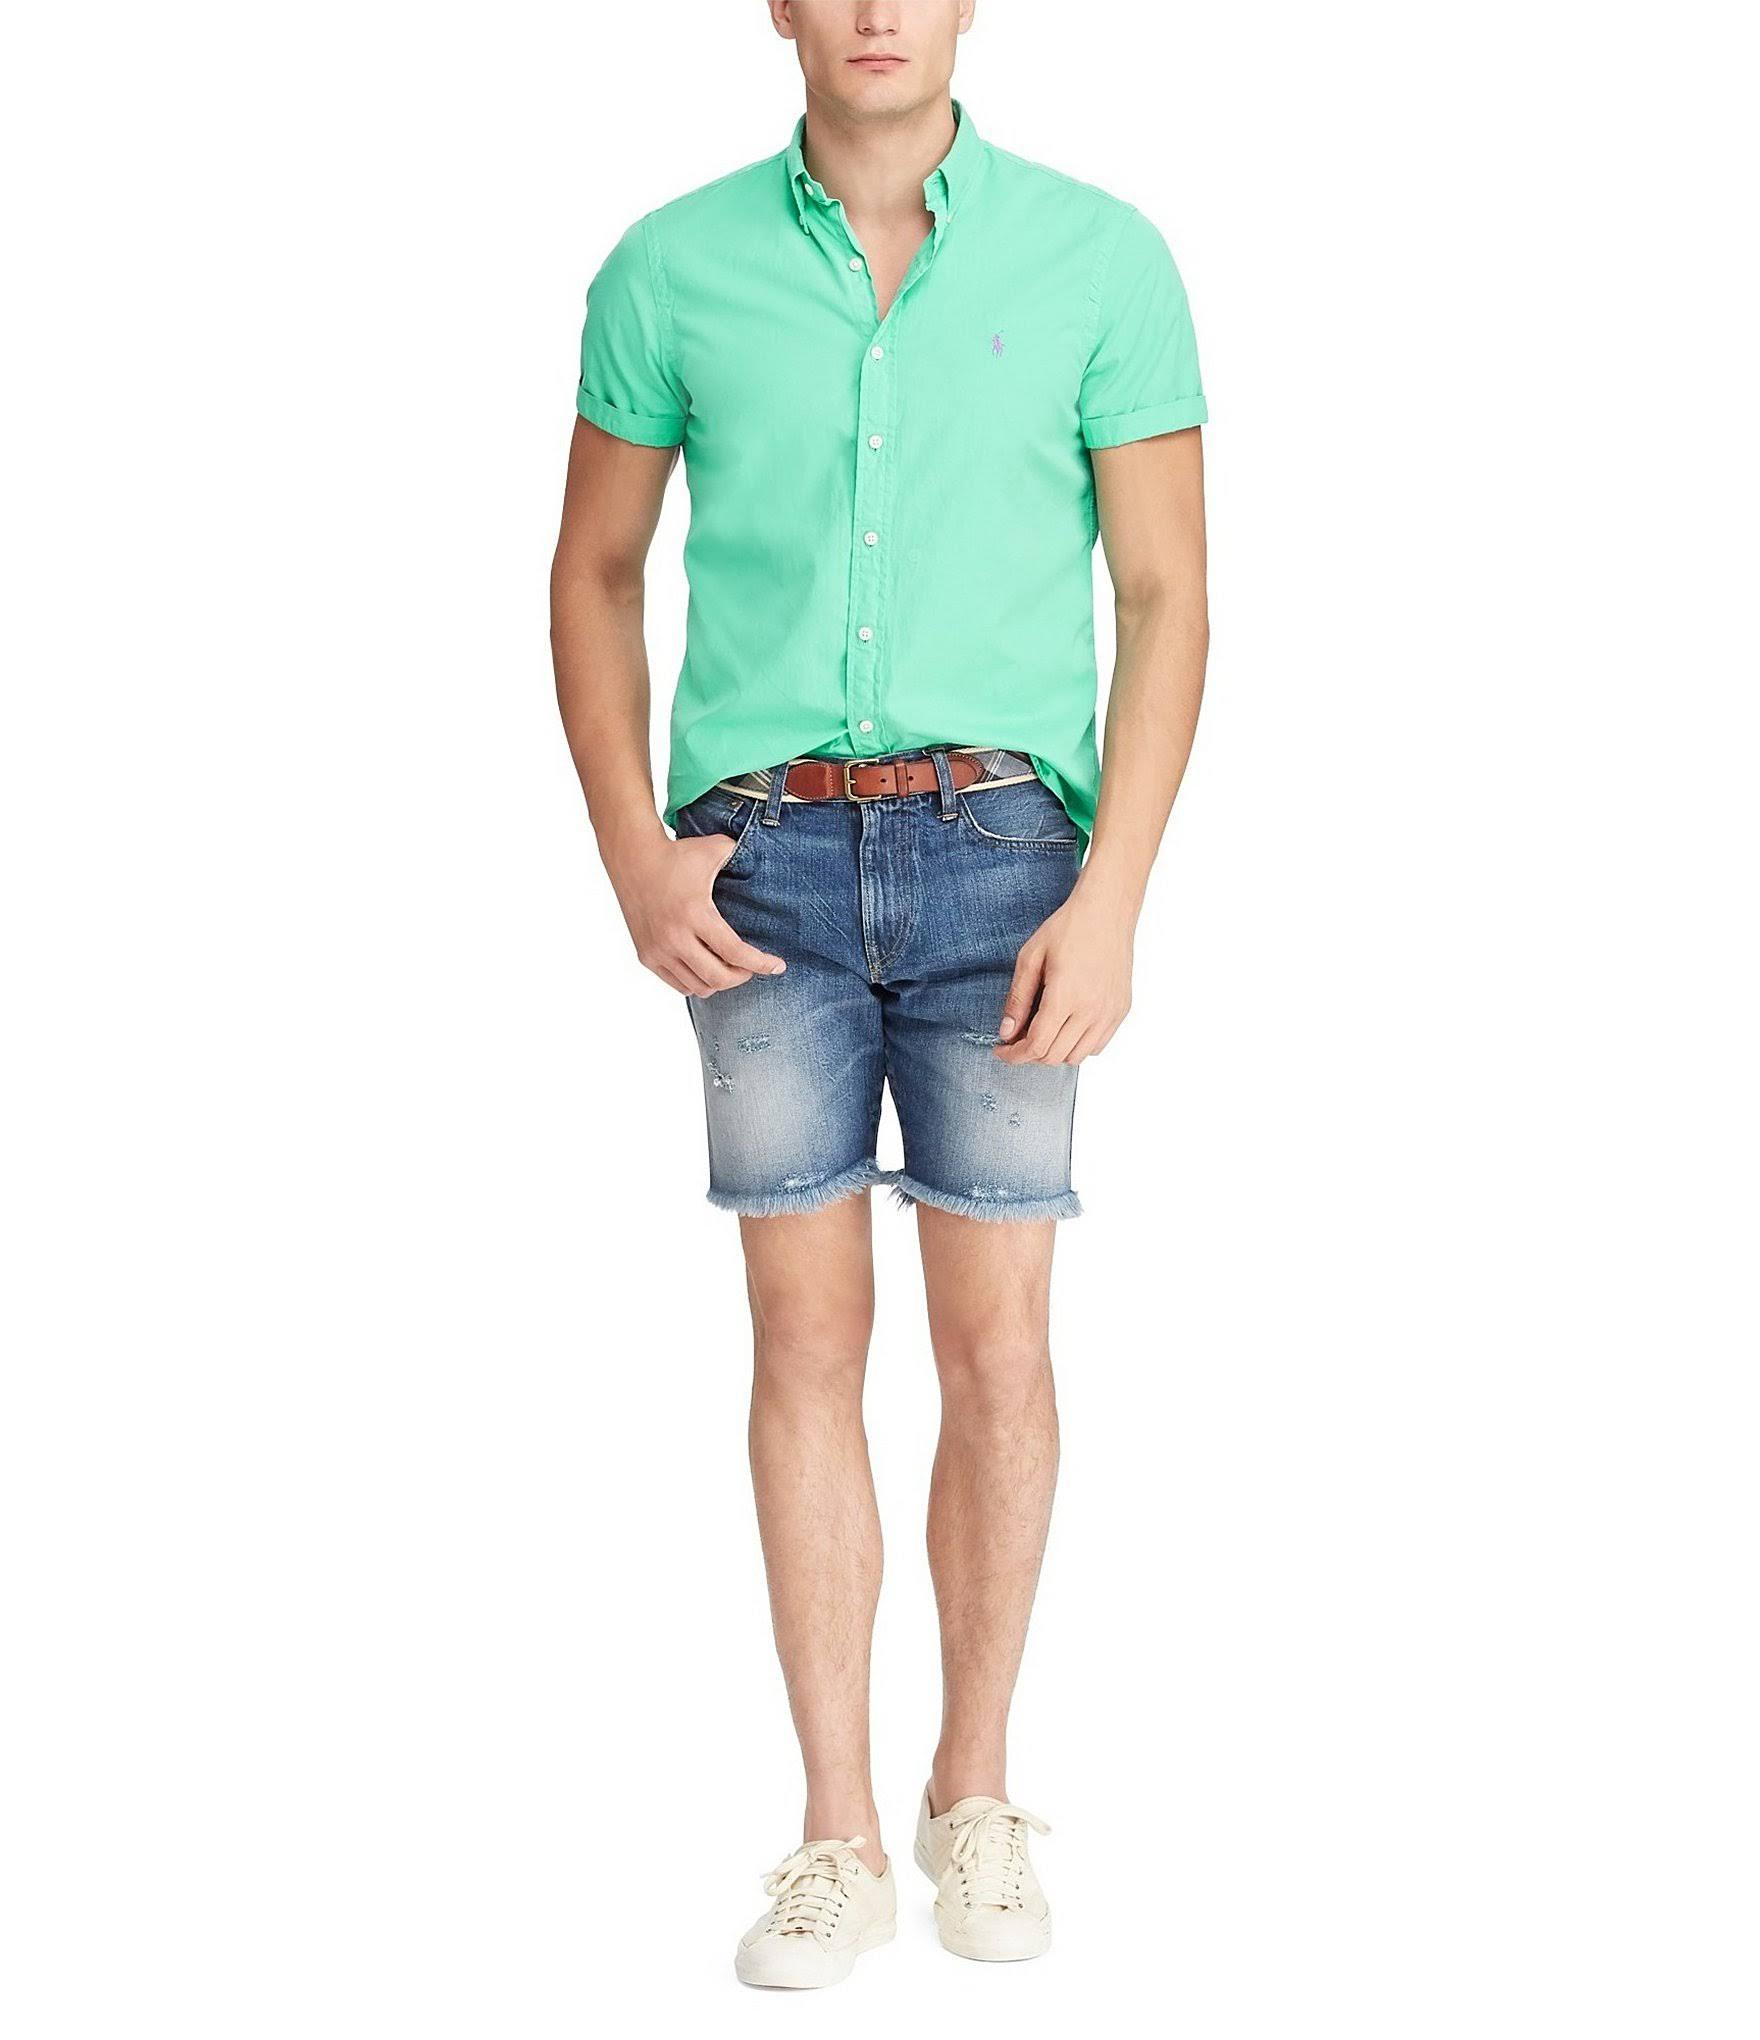 Clásico Lauren Camisa De L Polo Ralph Hombre Botones Manga Tamaño Para Sunset Verde Corta Corte Con zqfTfxw5